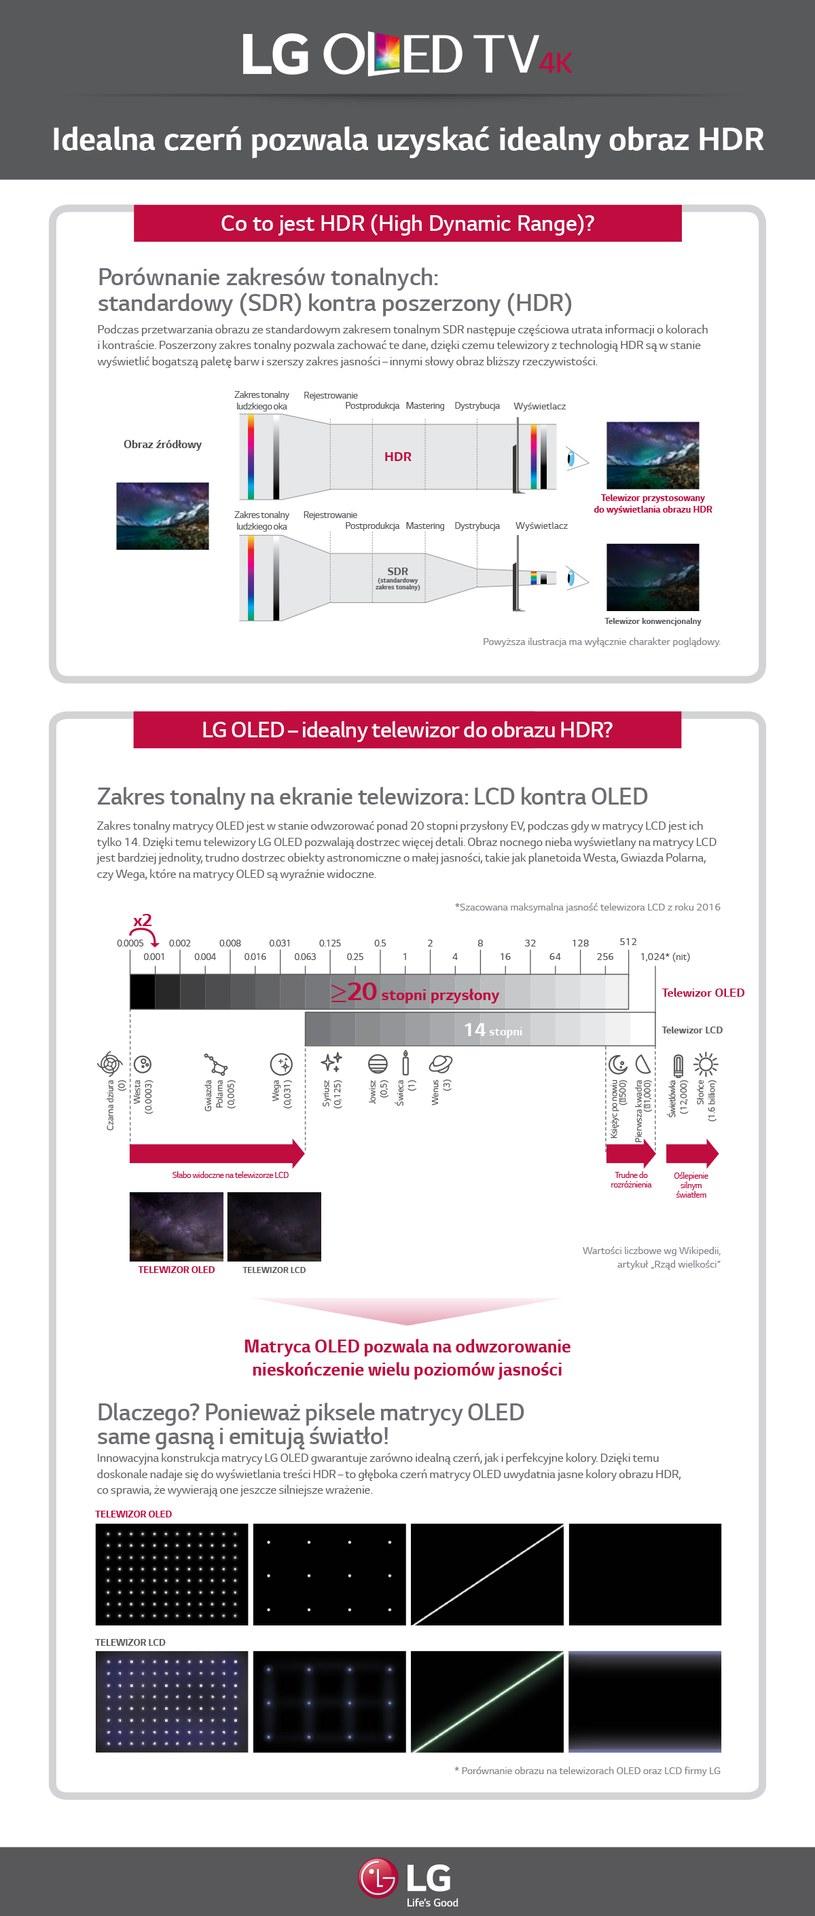 Infografika na temat HDR i OLED dostarczona przez LG /materiały prasowe